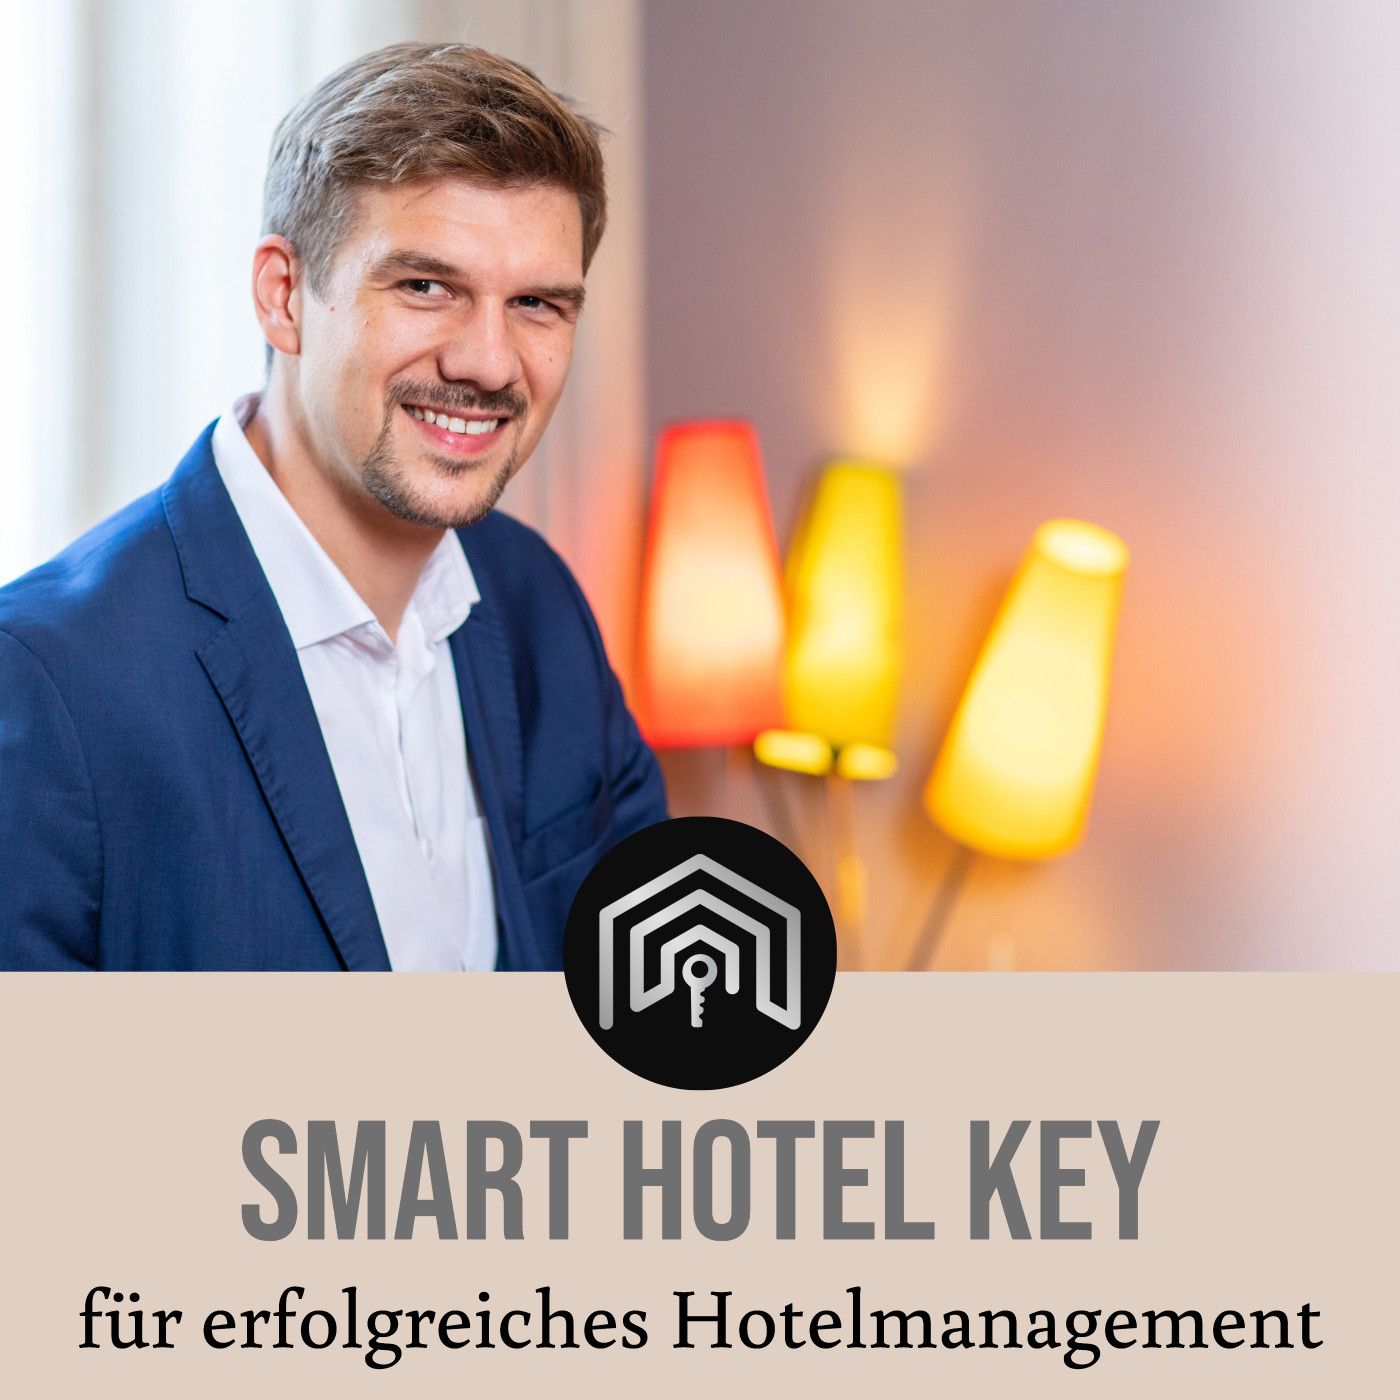 Smart Hotel Key, dein Podcast für erfolgreiches Hotelmanagement